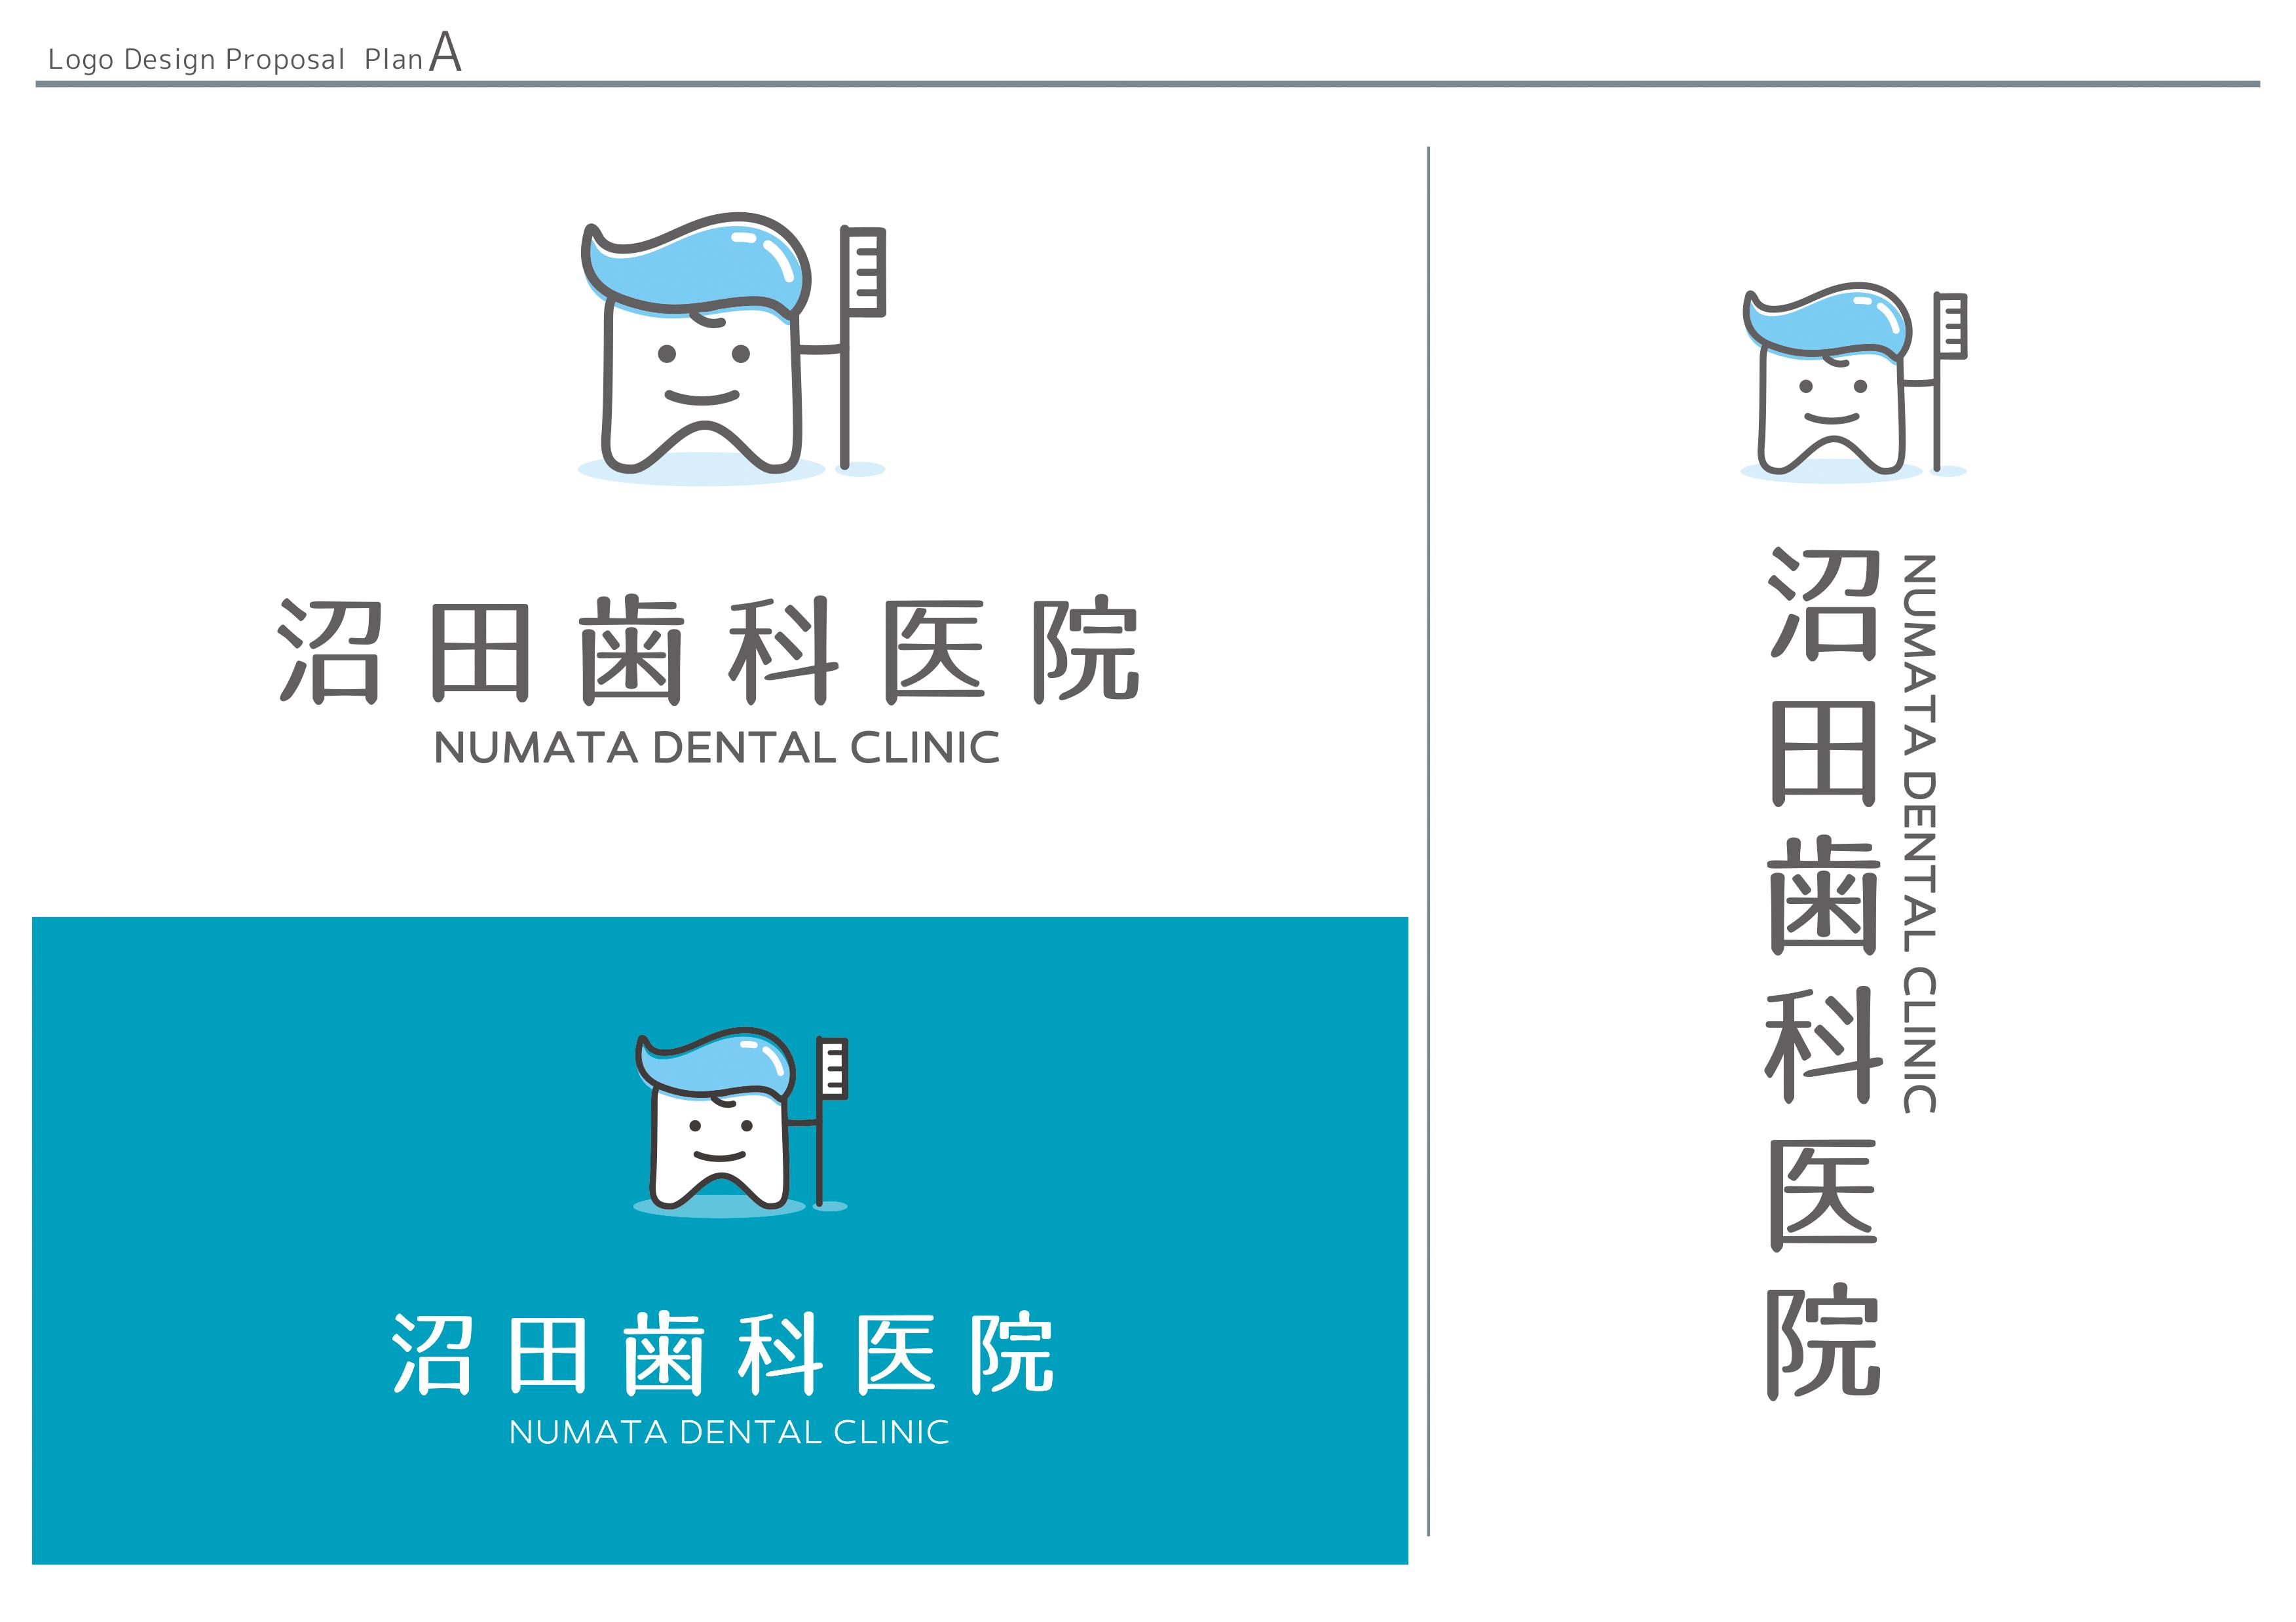 [沼田歯科医院]ロゴデザイン_20161016-1